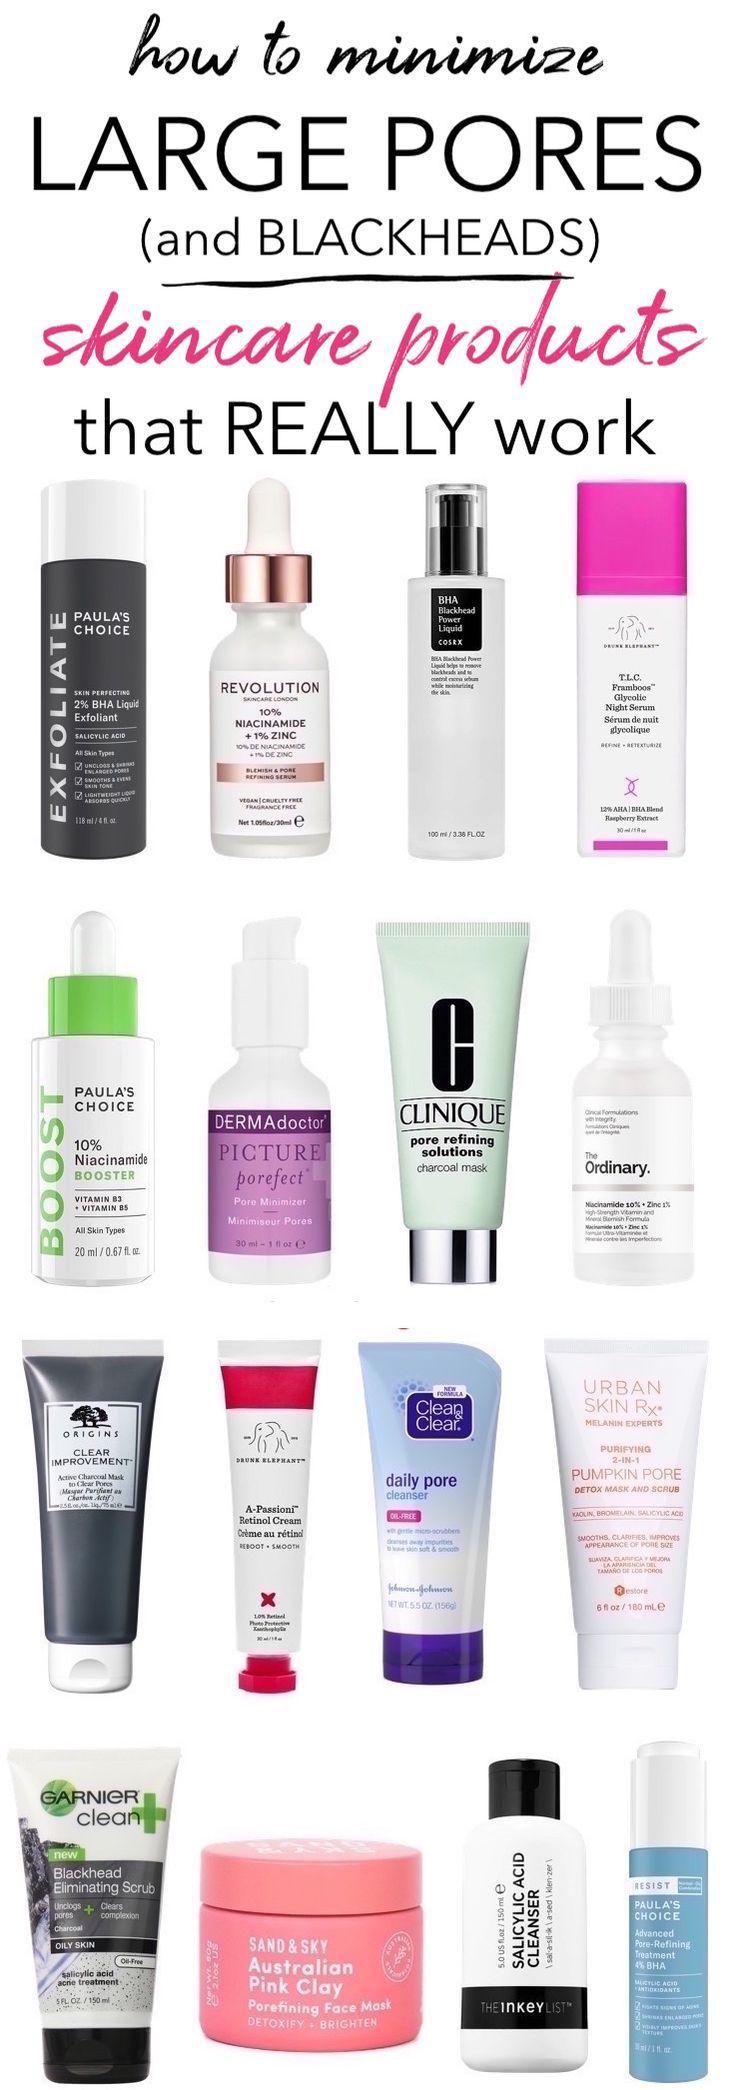 Porenprobleme? Diese Hautpflegeprodukte wirken wirklich, um große Poren (und Mitesser!) Zu re…